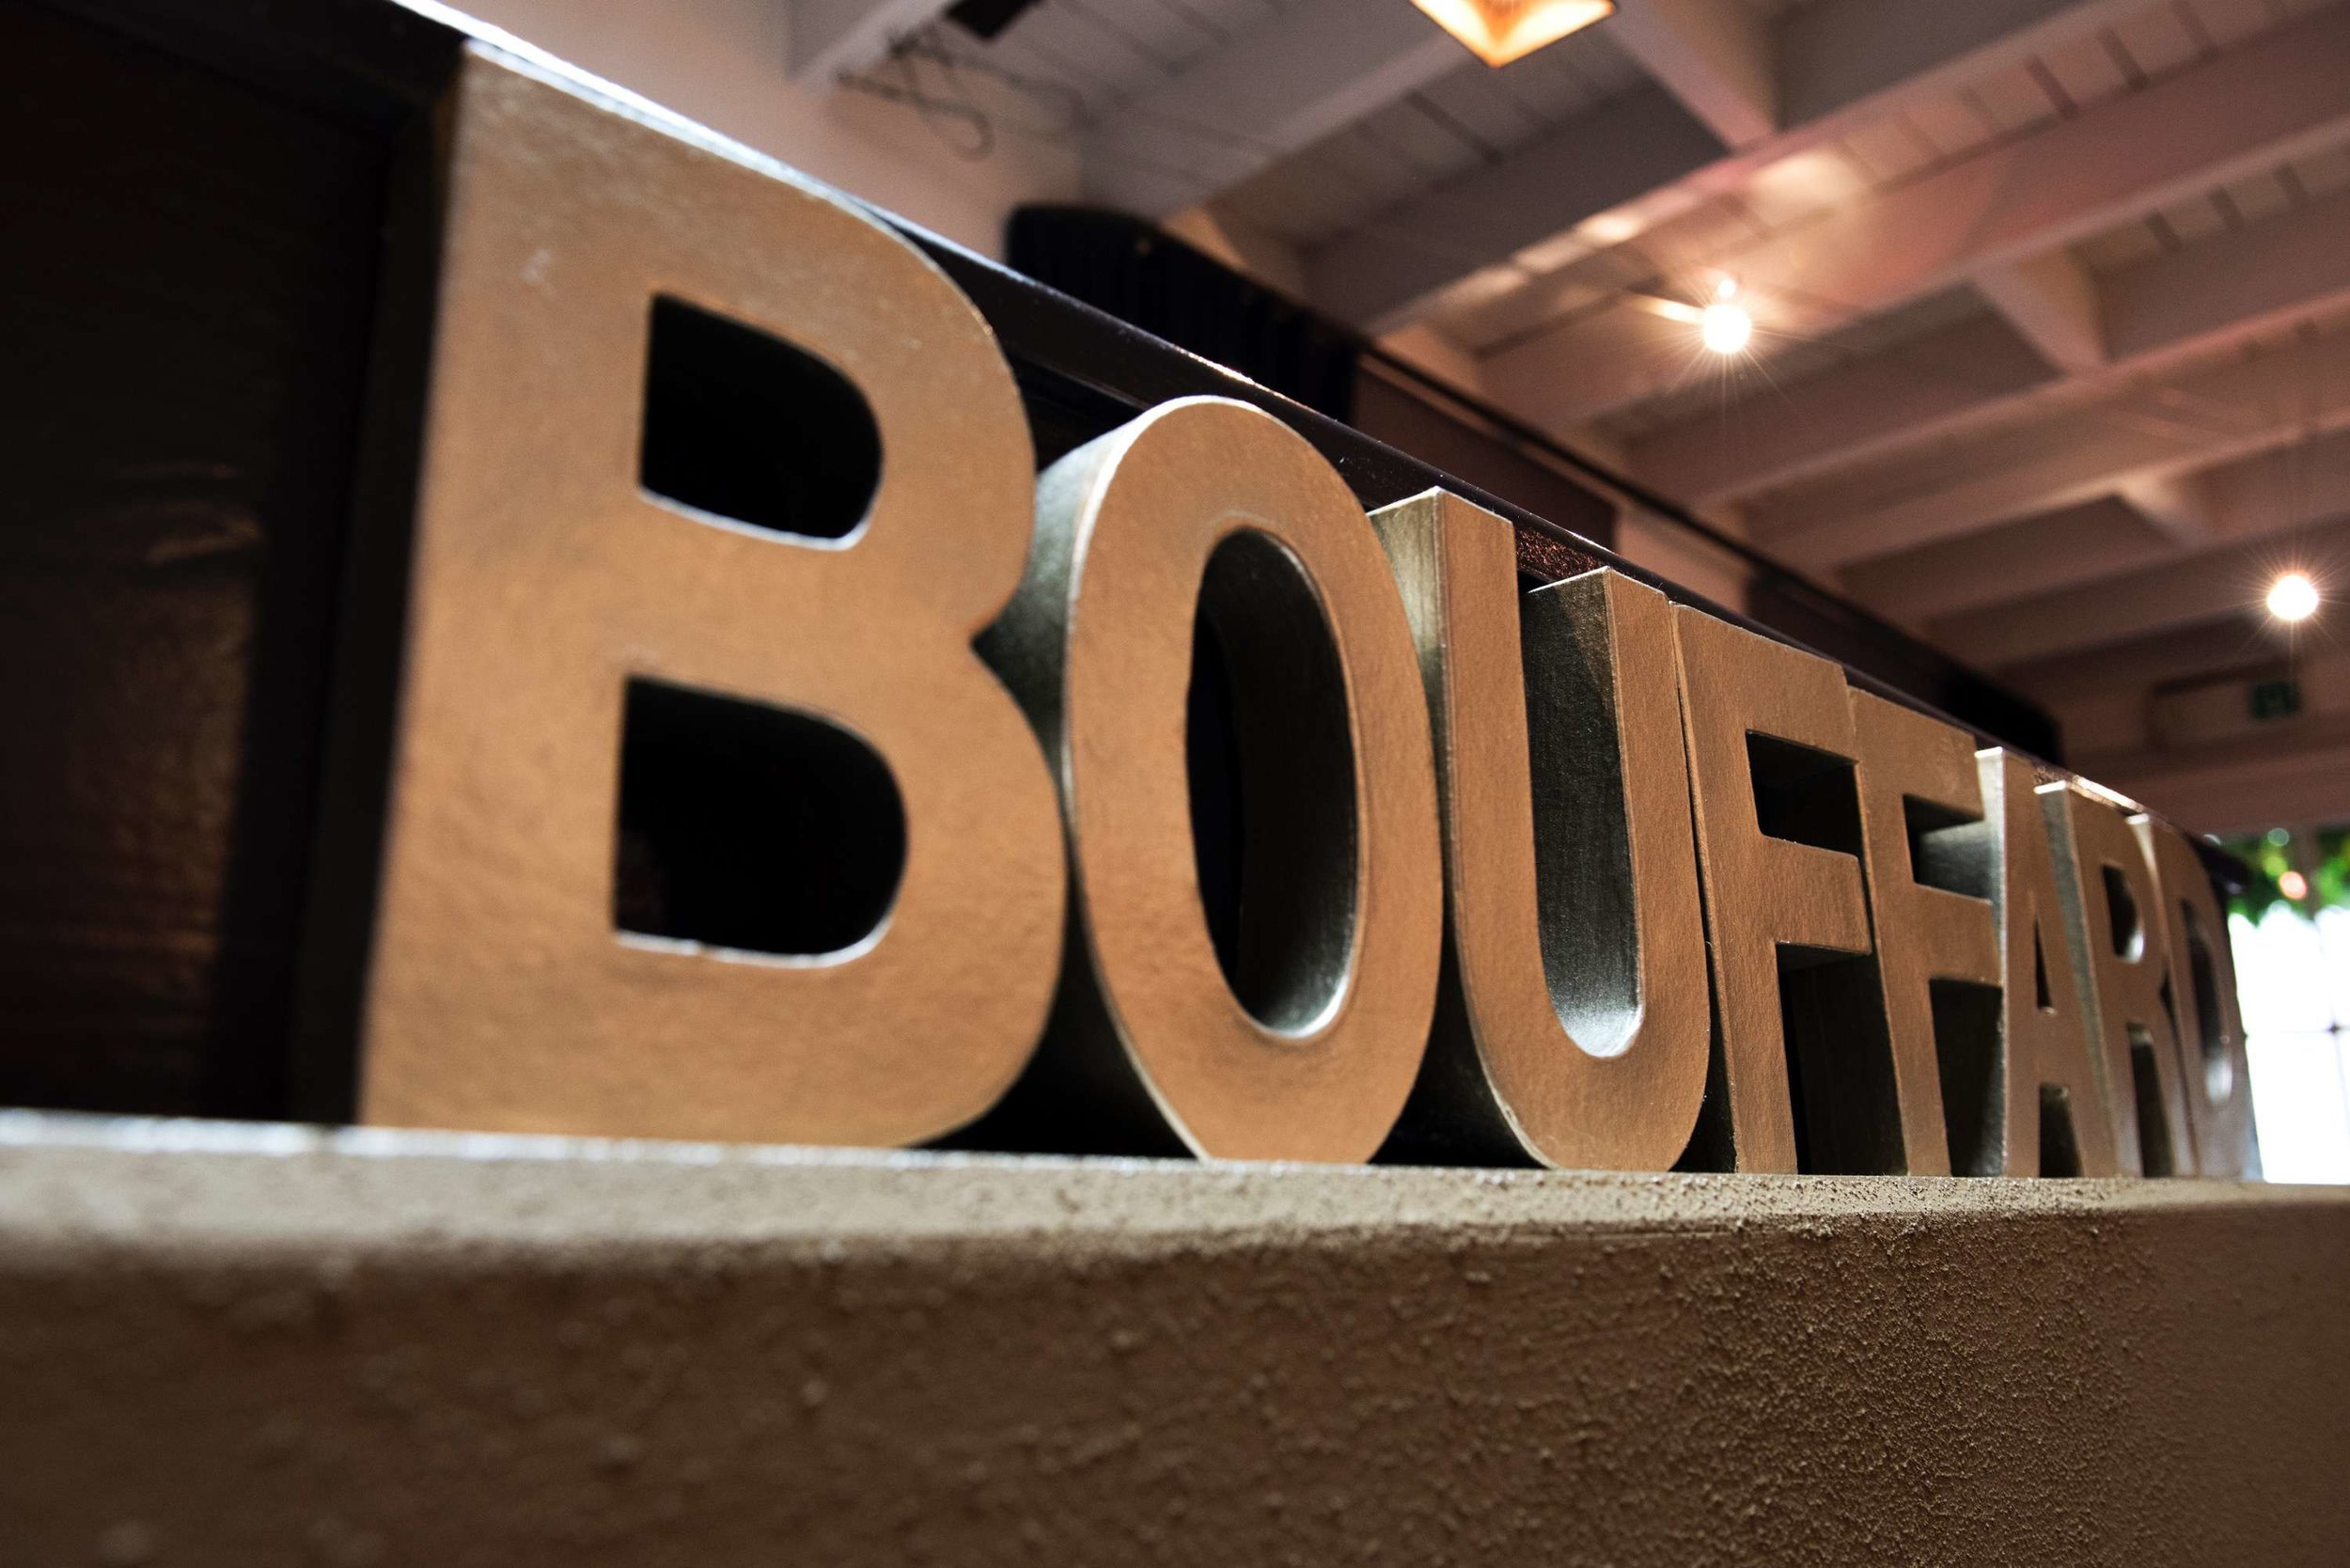 bouffard mol restaurant bart albrecht tablefever 15.jpg